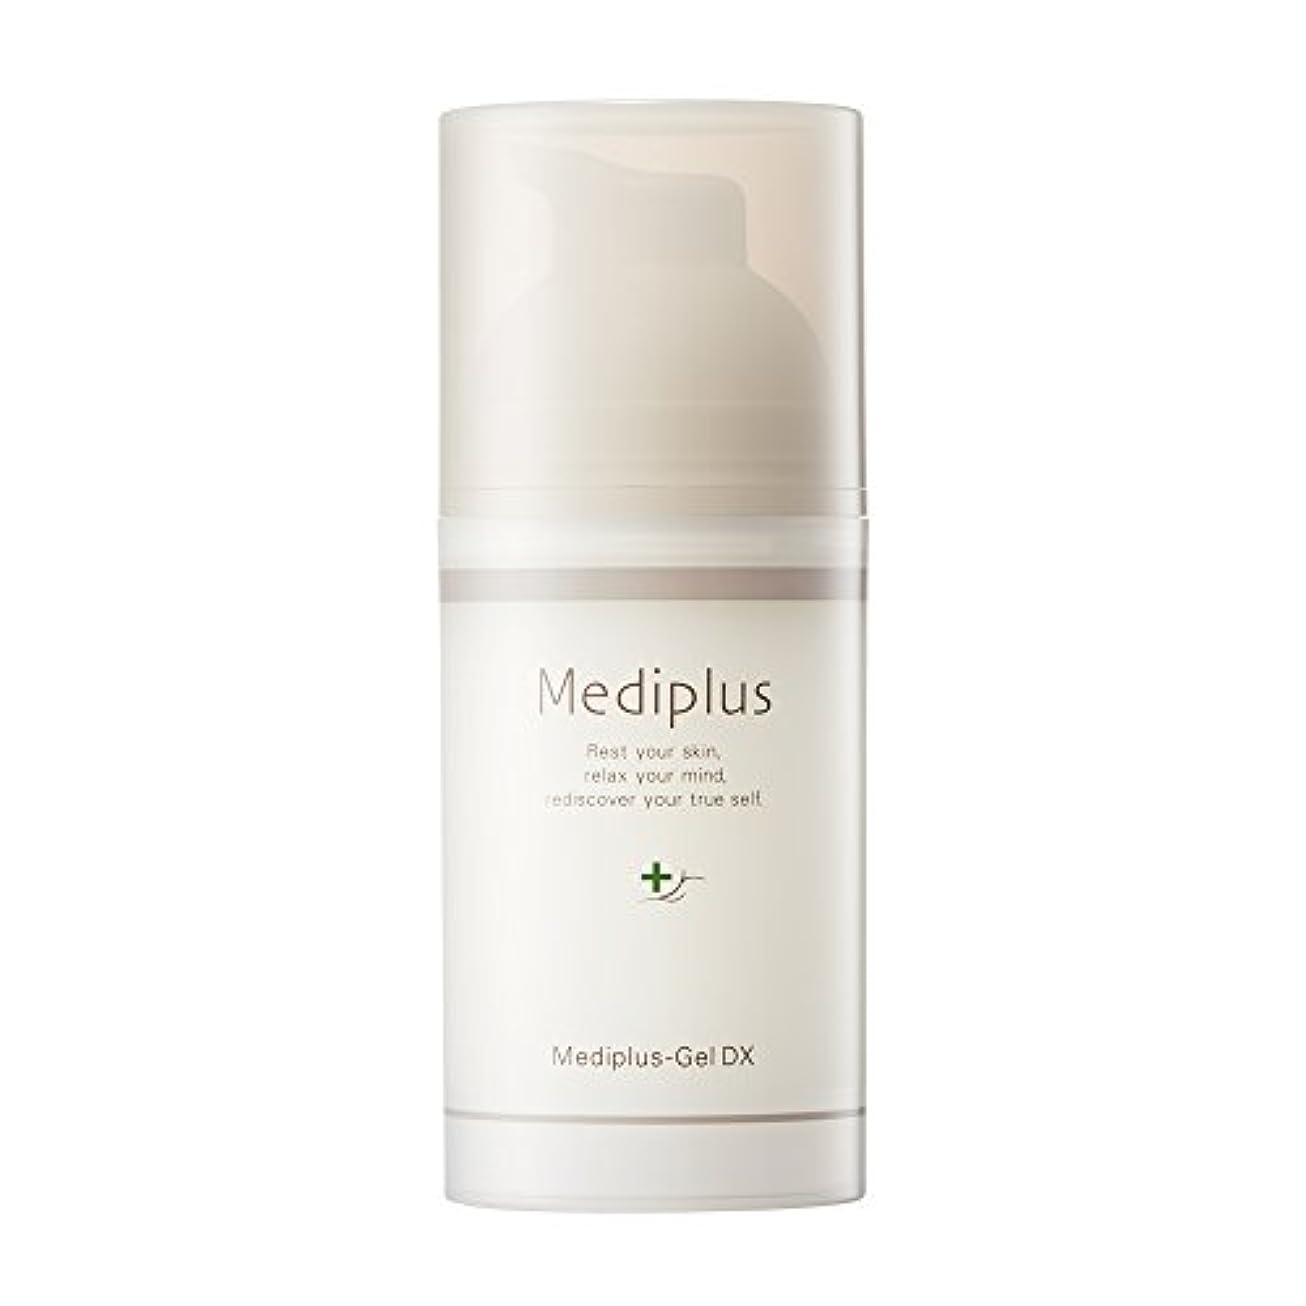 解任任意鳥【Mediplus+】 メディプラスゲルDX ハーフ 高濃度 オールインワン ゲル 80g [ 保湿 美容液 ]